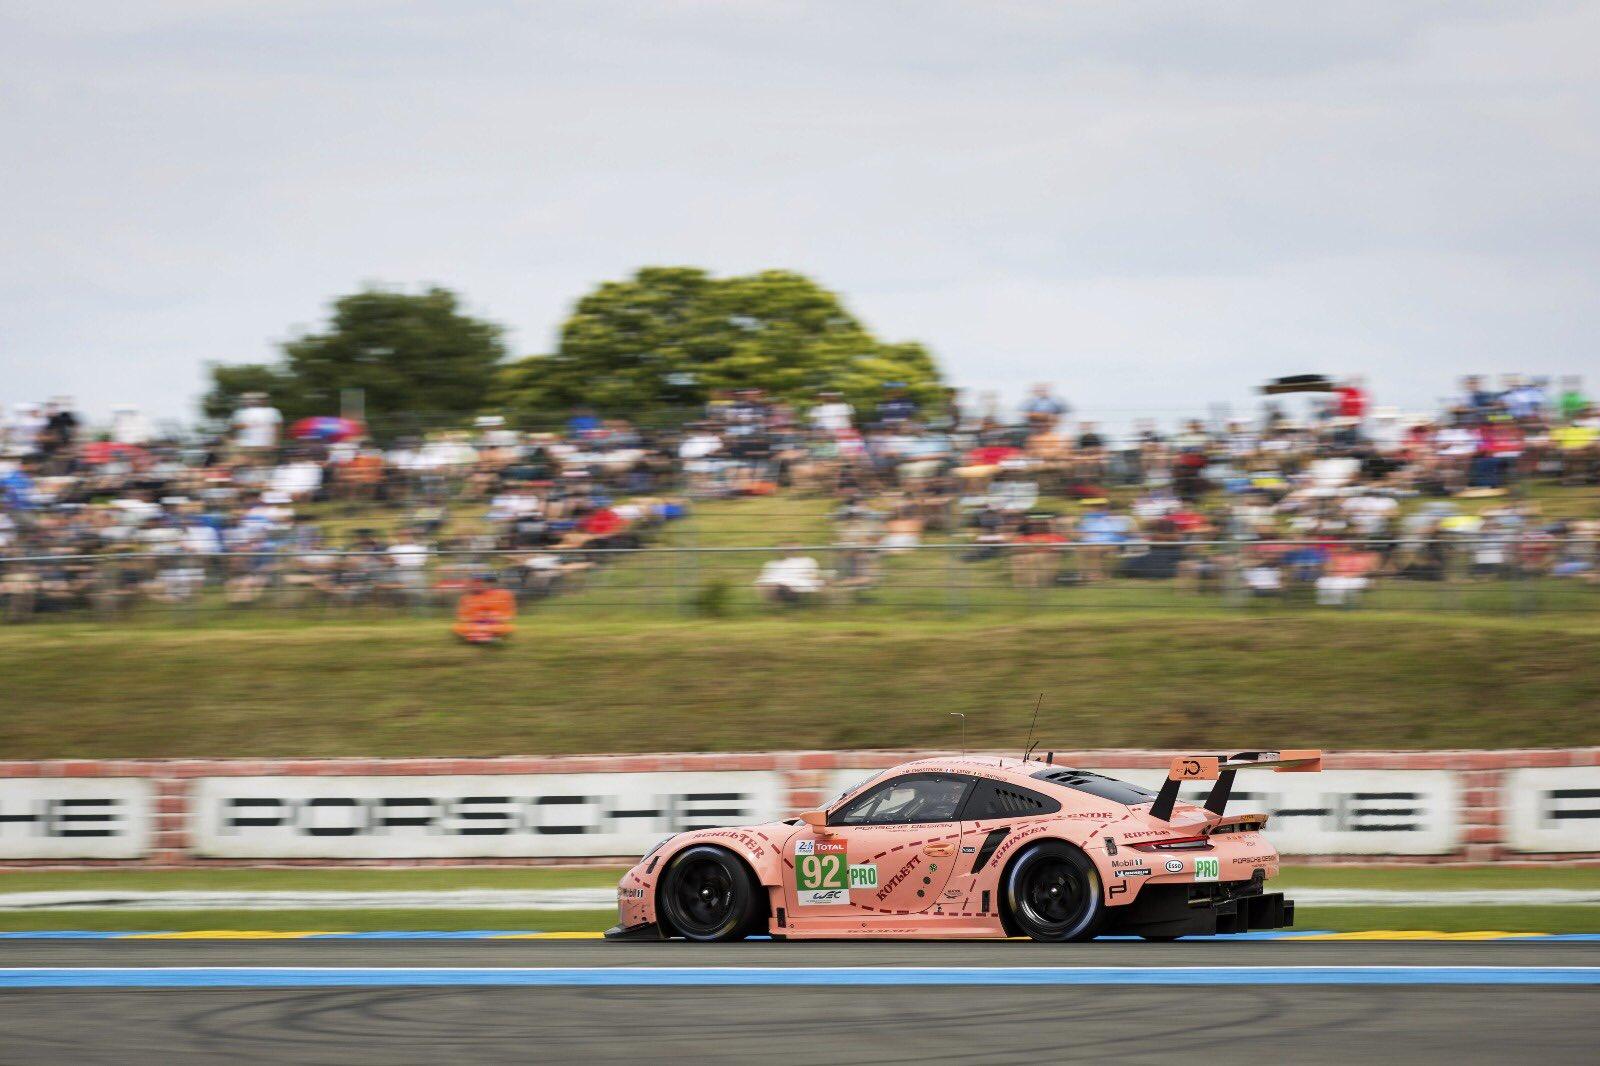 24 Horas de Le Mans 2018 - Página 3 Df1EXRmXkAIl0qg